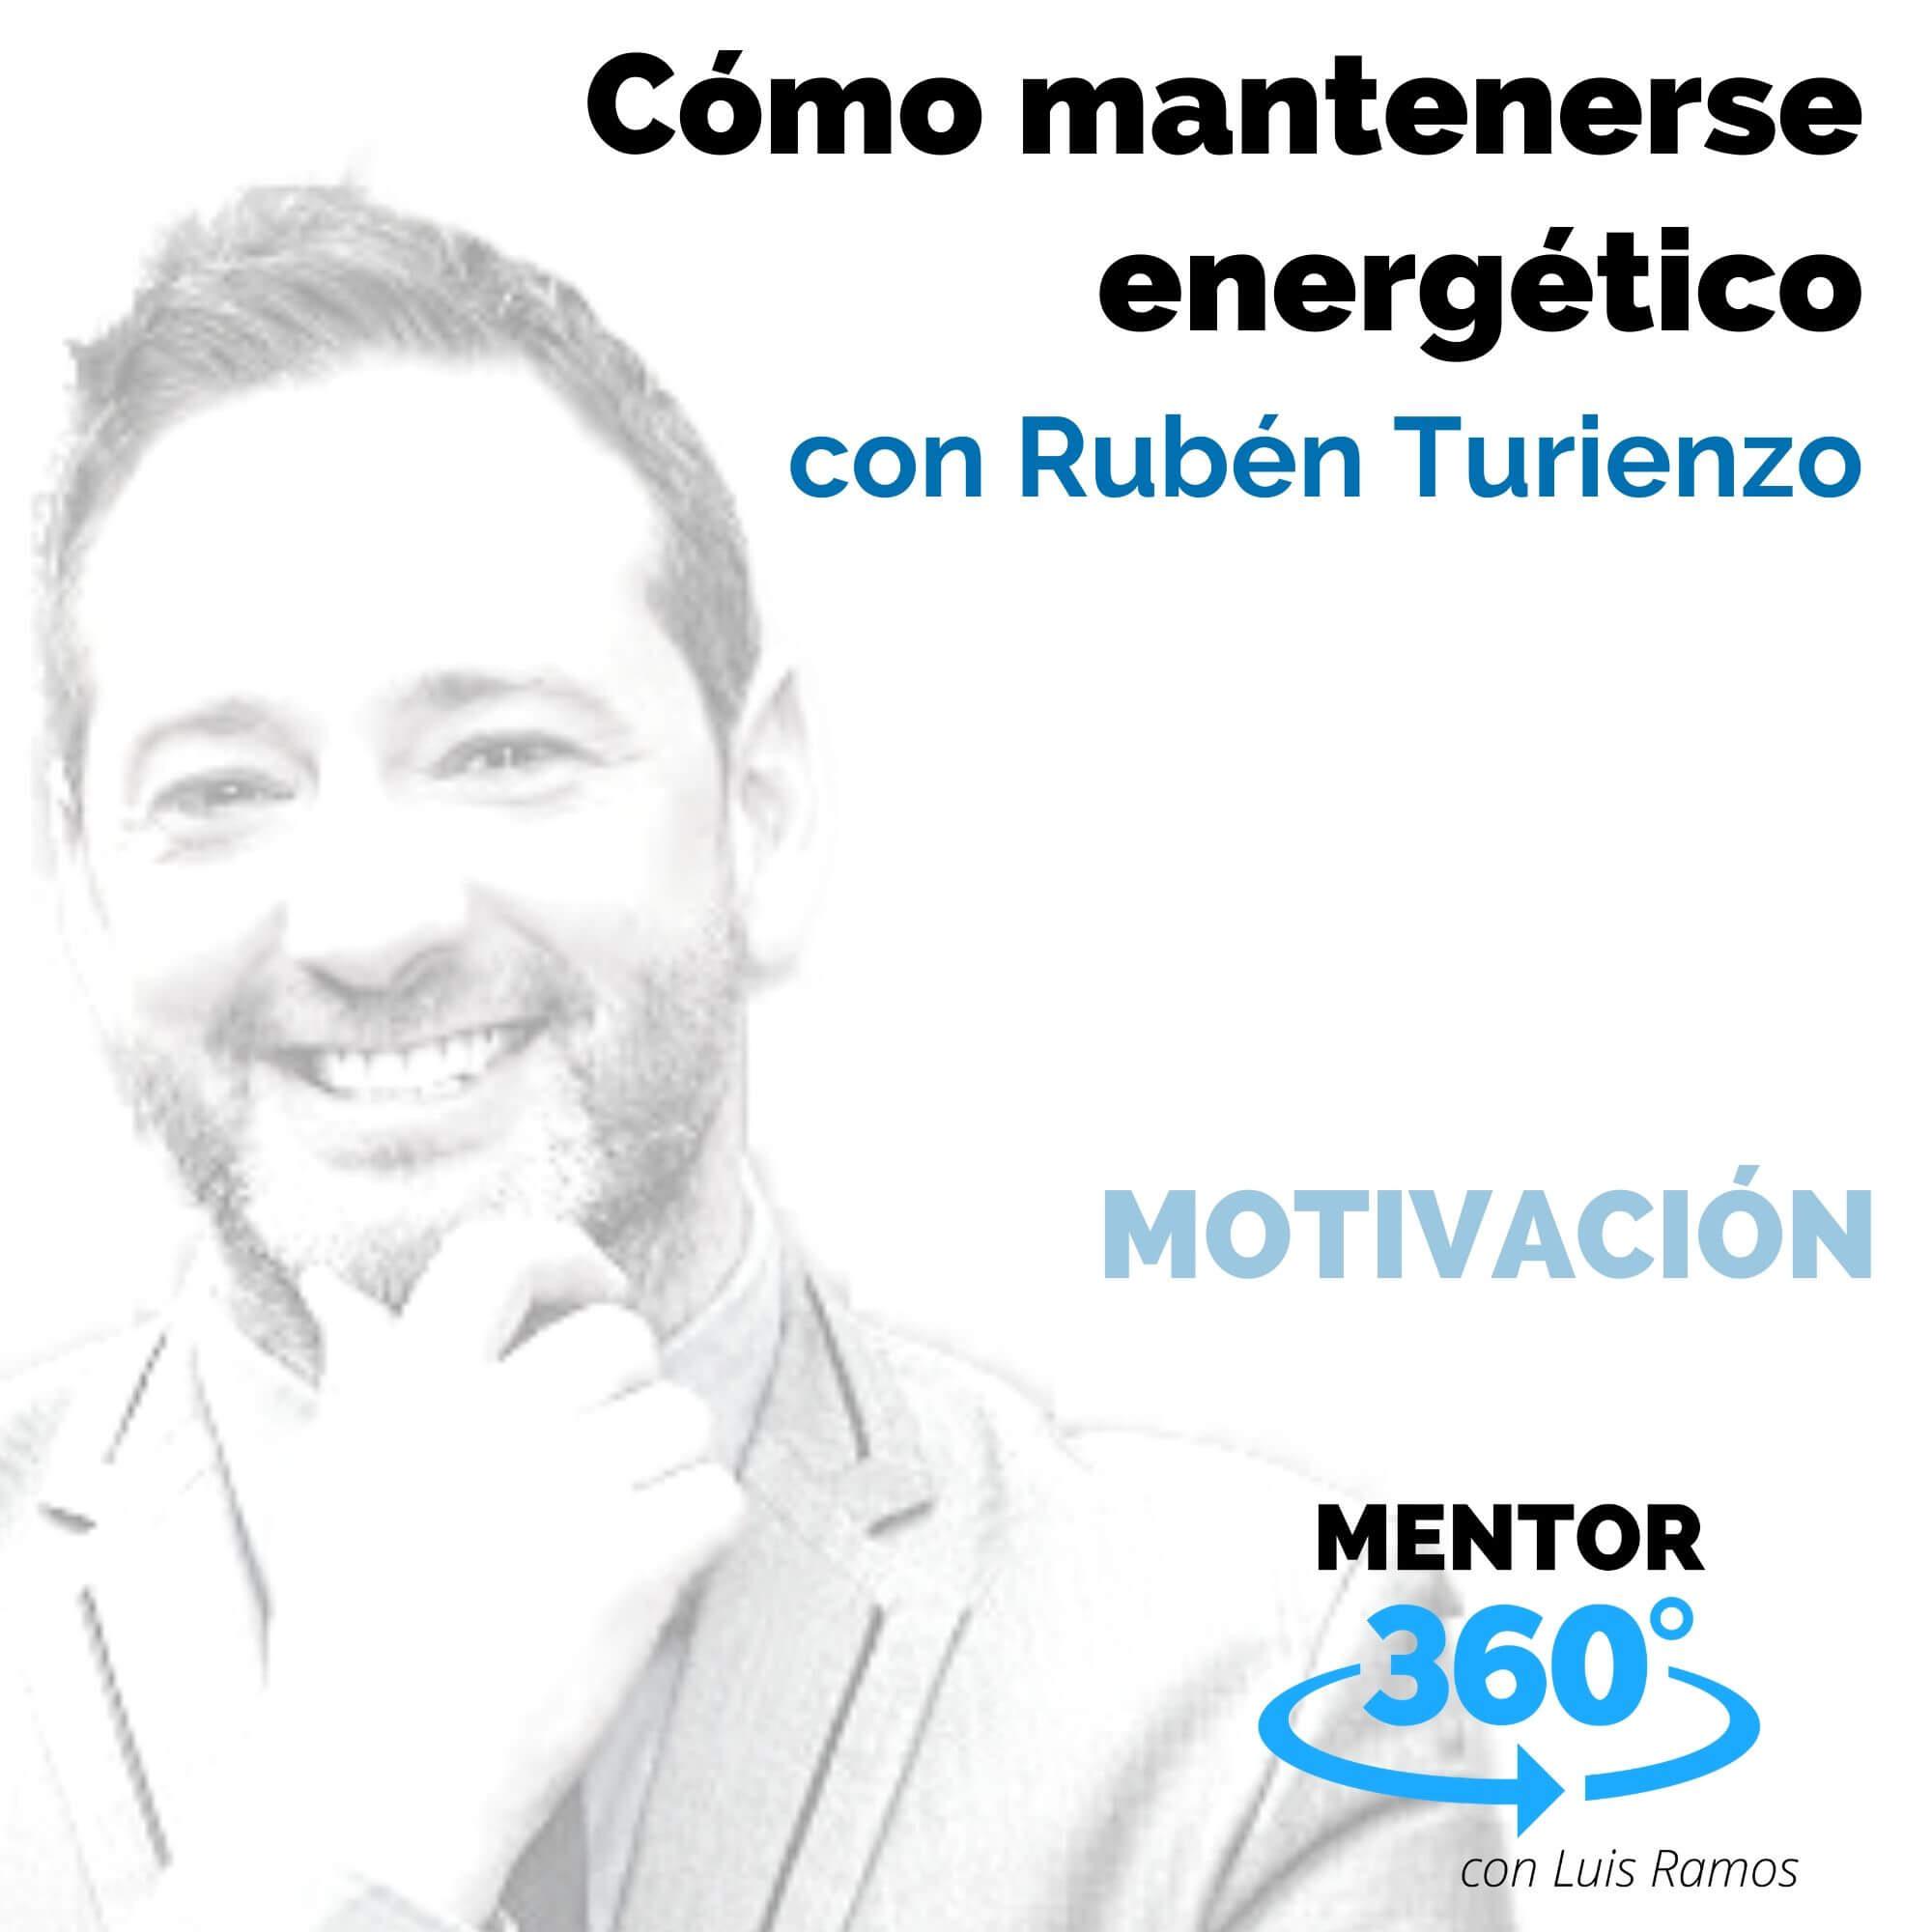 Cómo mantenerse energético, Con Rubén Turienzo - MOTIVACIÓN